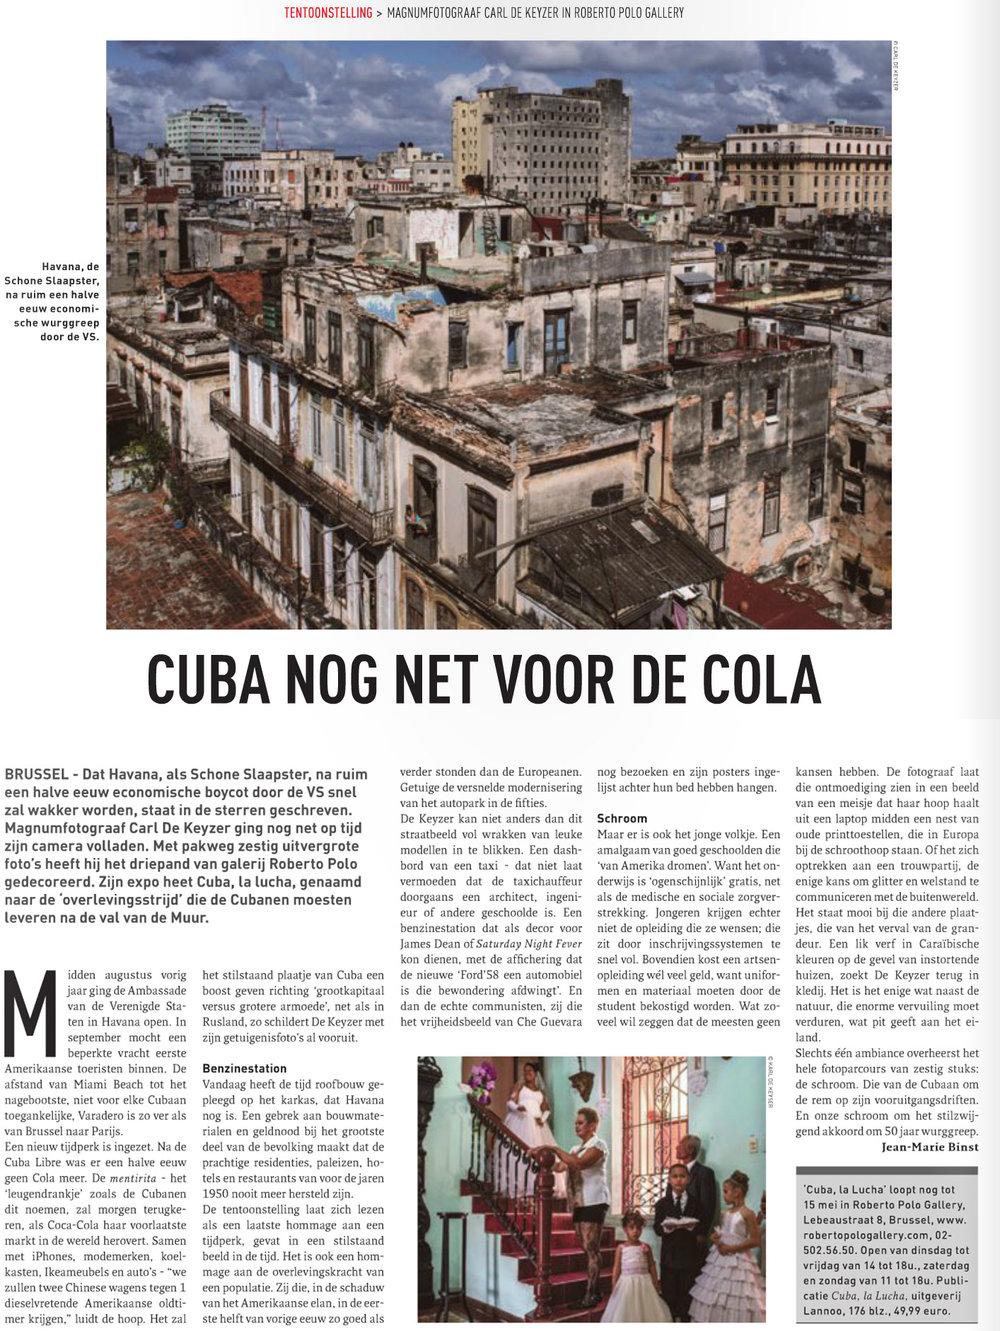 Cuba (Brussel deze week)